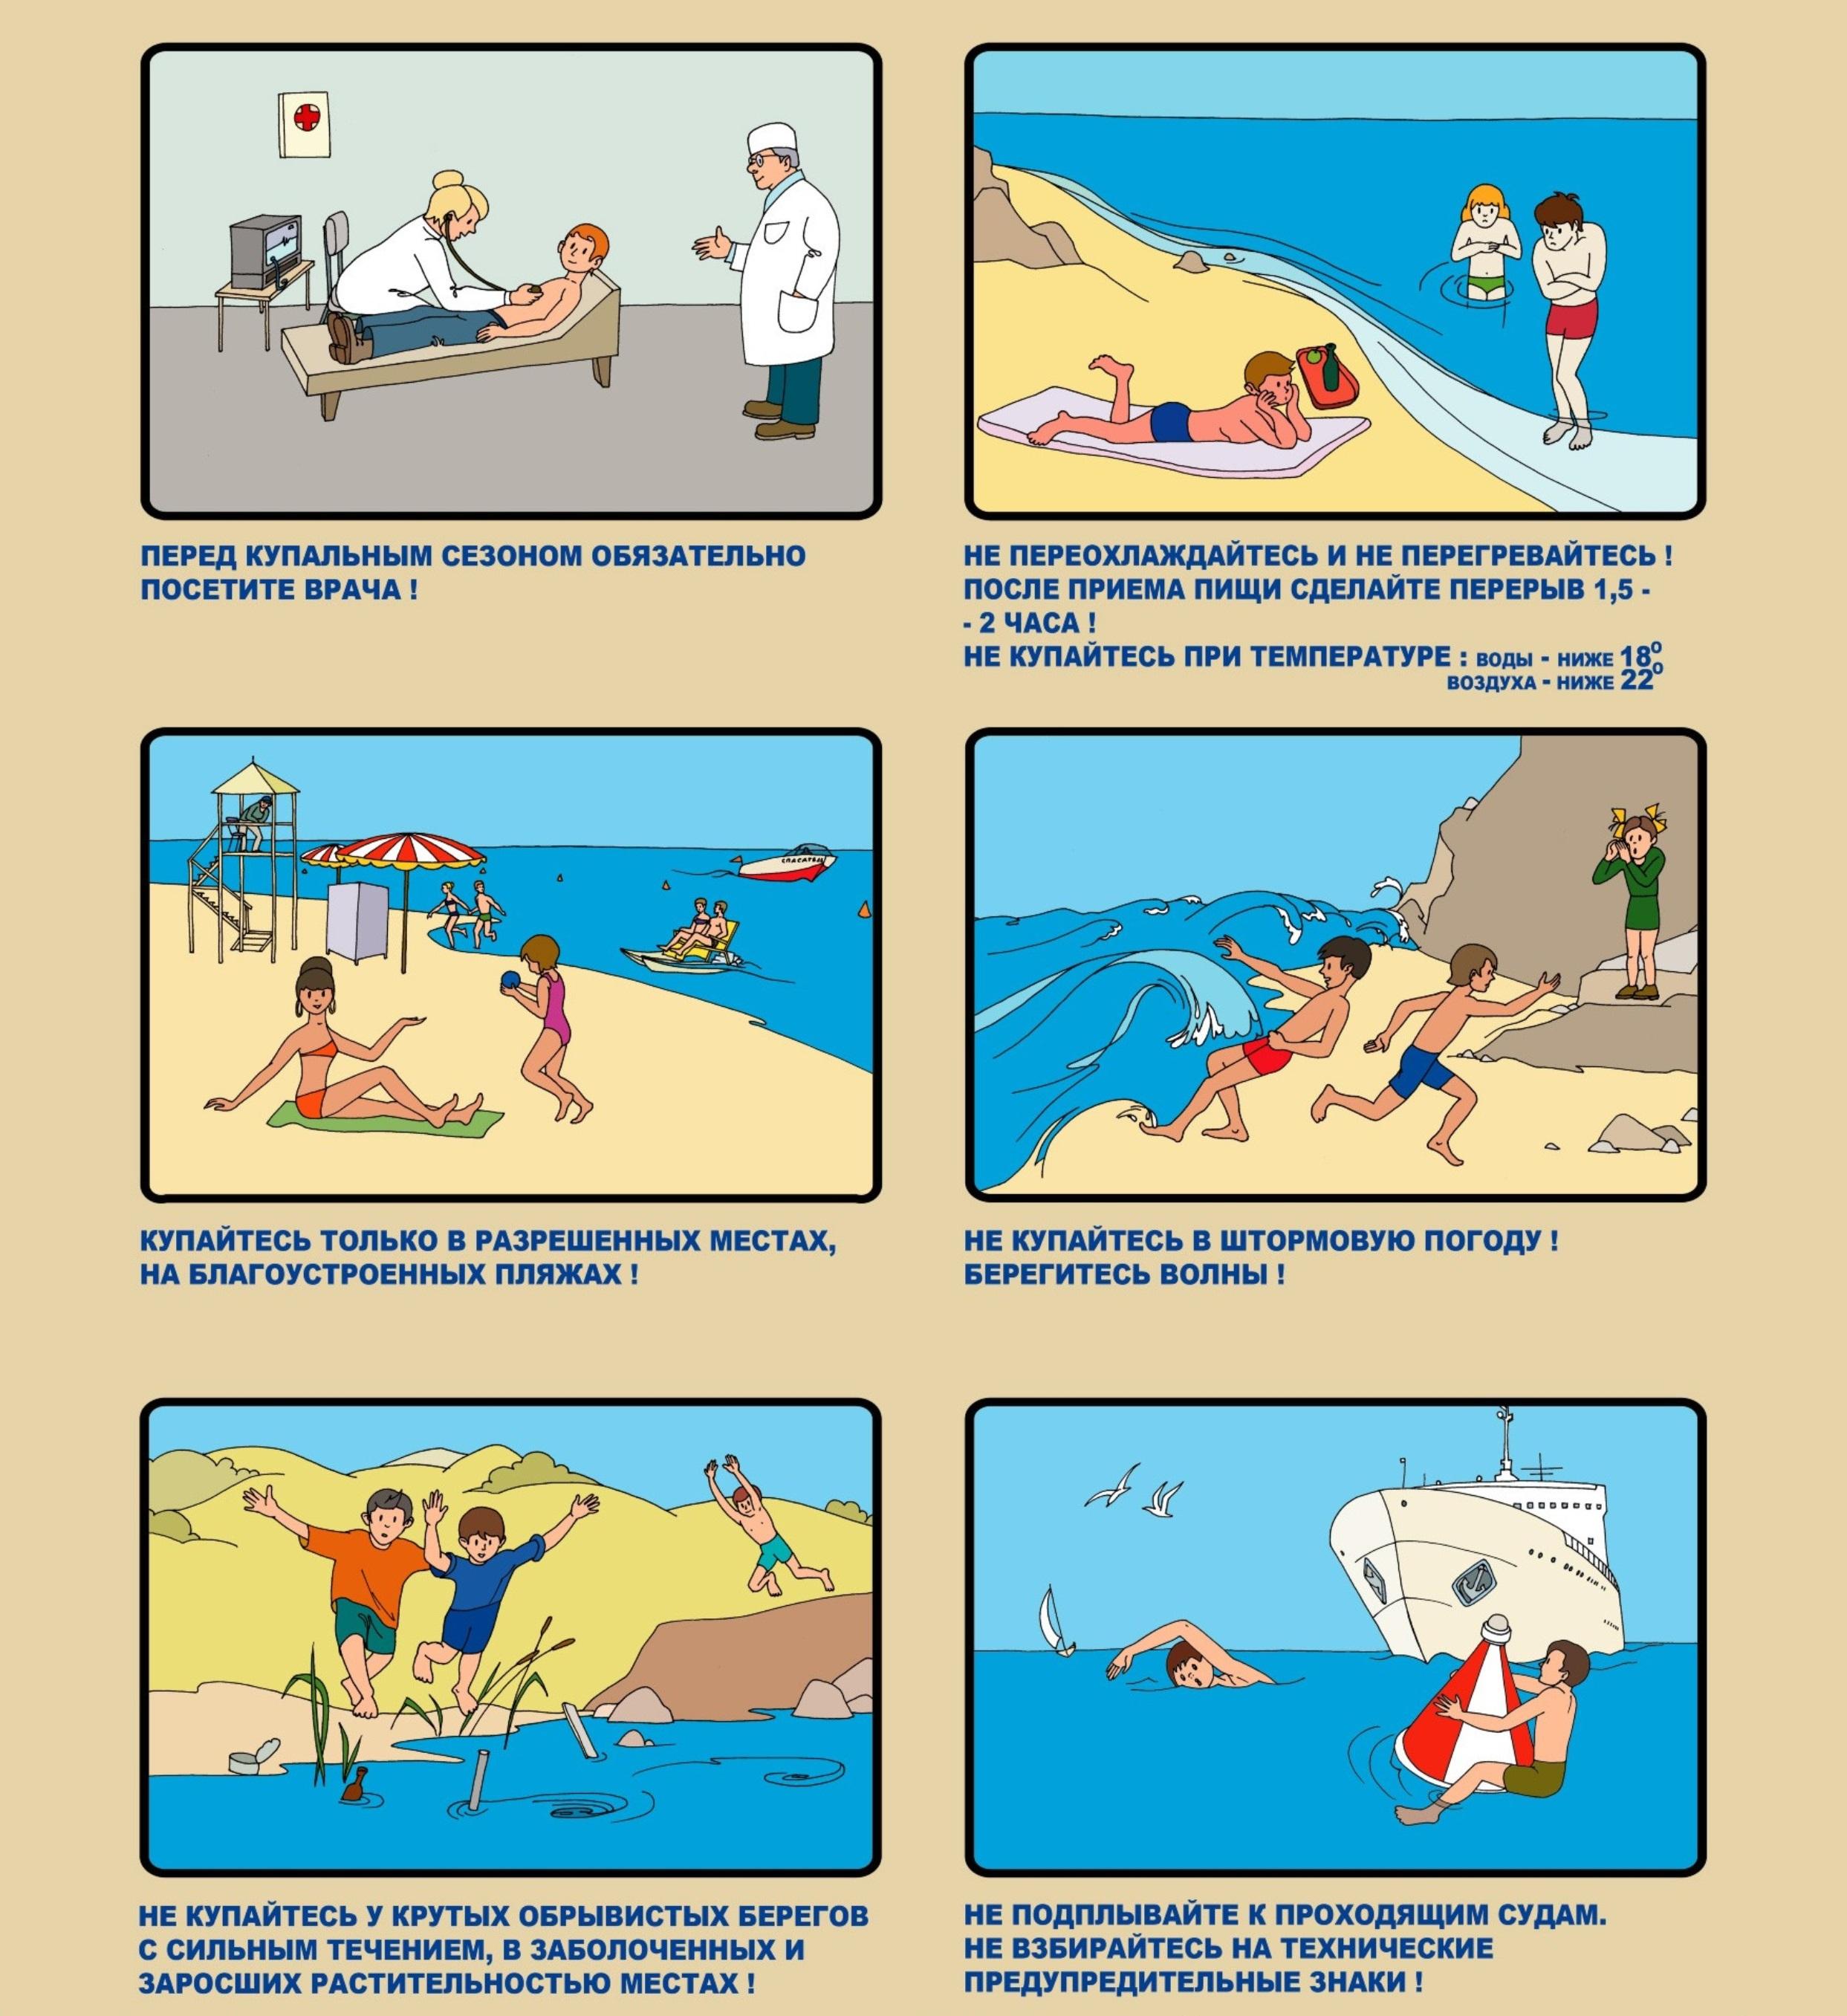 Безопасное Поведение На Водоёмах В Различных Условиях